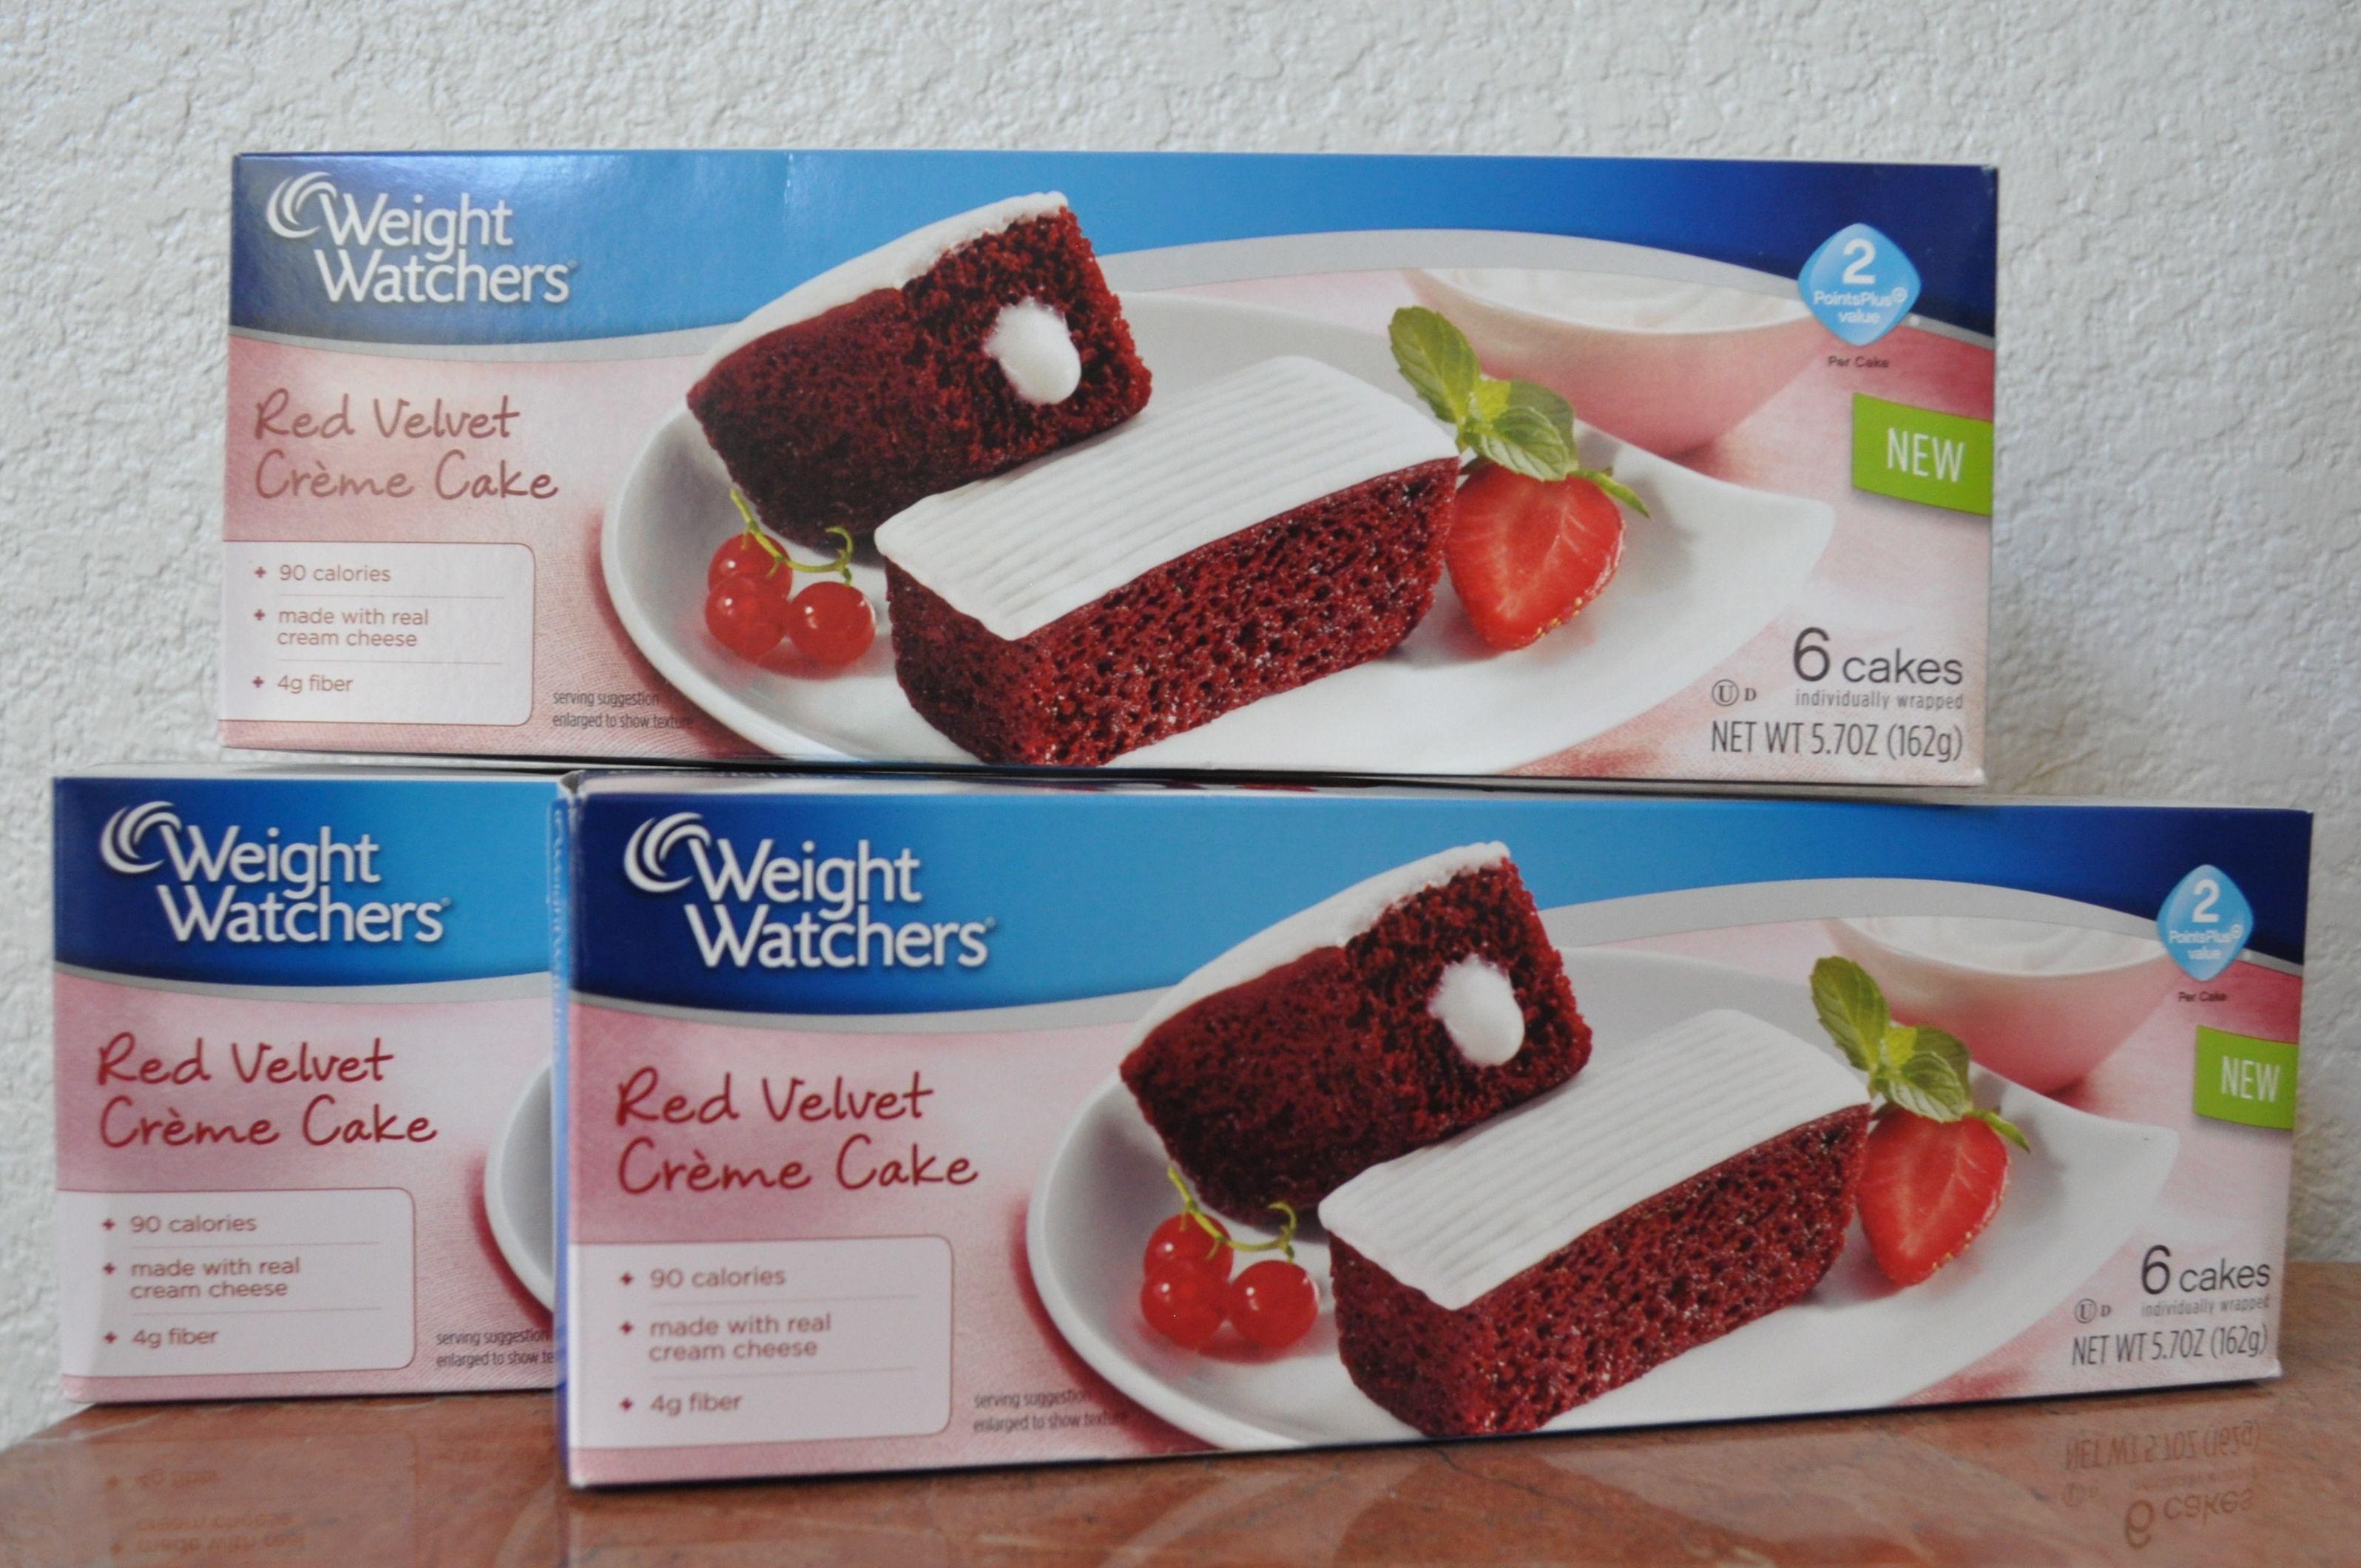 Weight Watchers Sweet Baked Goods